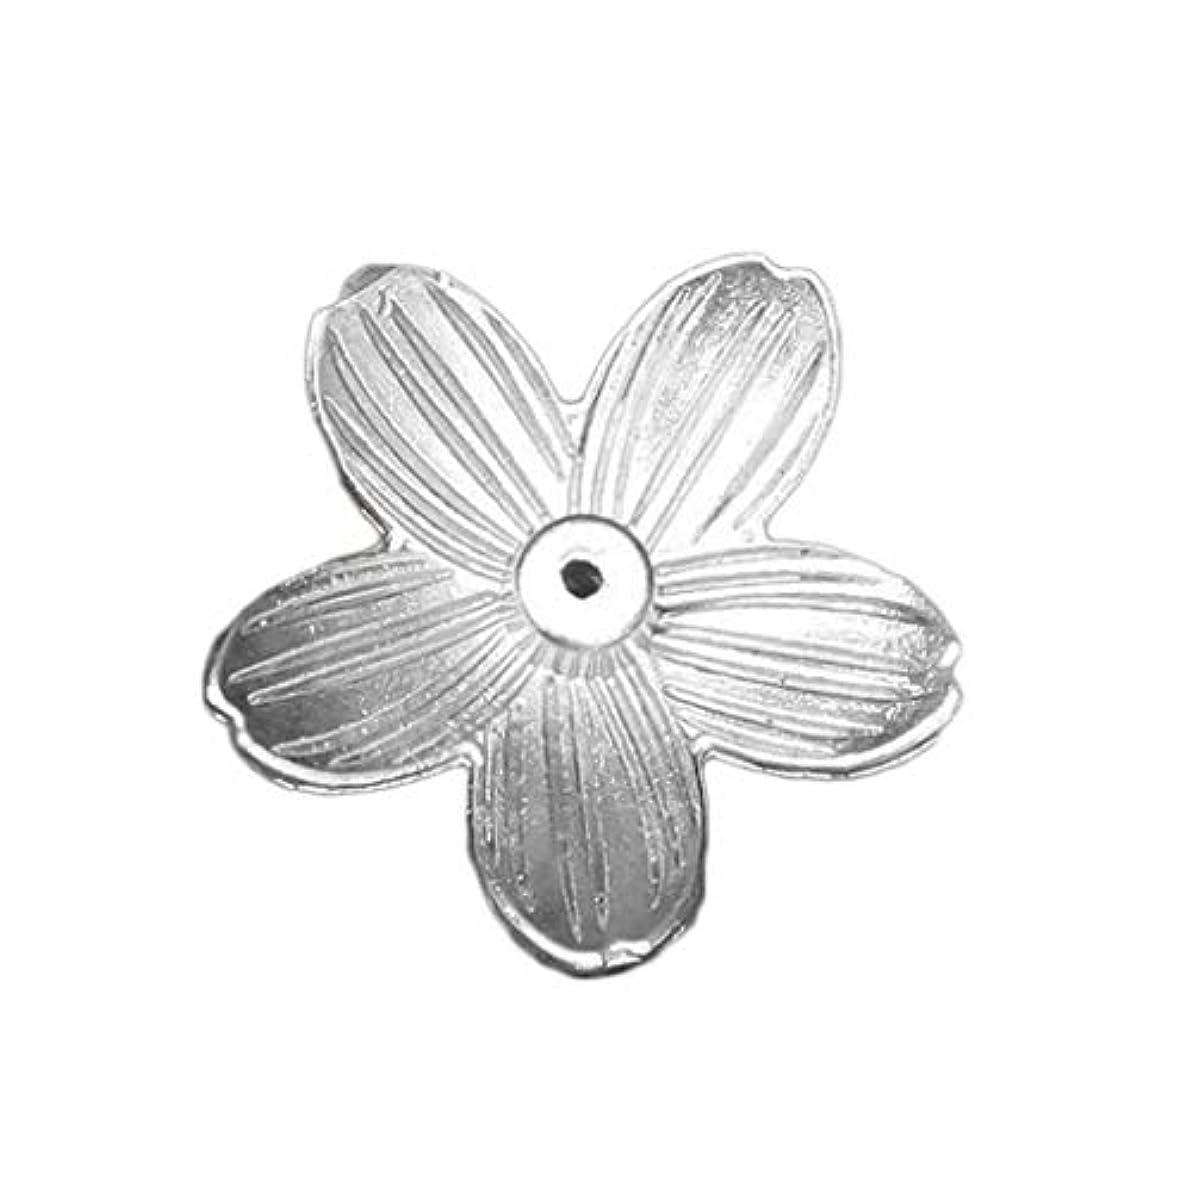 確執狂信者砲兵芳香器?アロマバーナー 1ピース桜の花柄香バーナースティックホルダー香ベースプラグ香スタンドホームデコレーション 芳香器?アロマバーナー (Color : C)